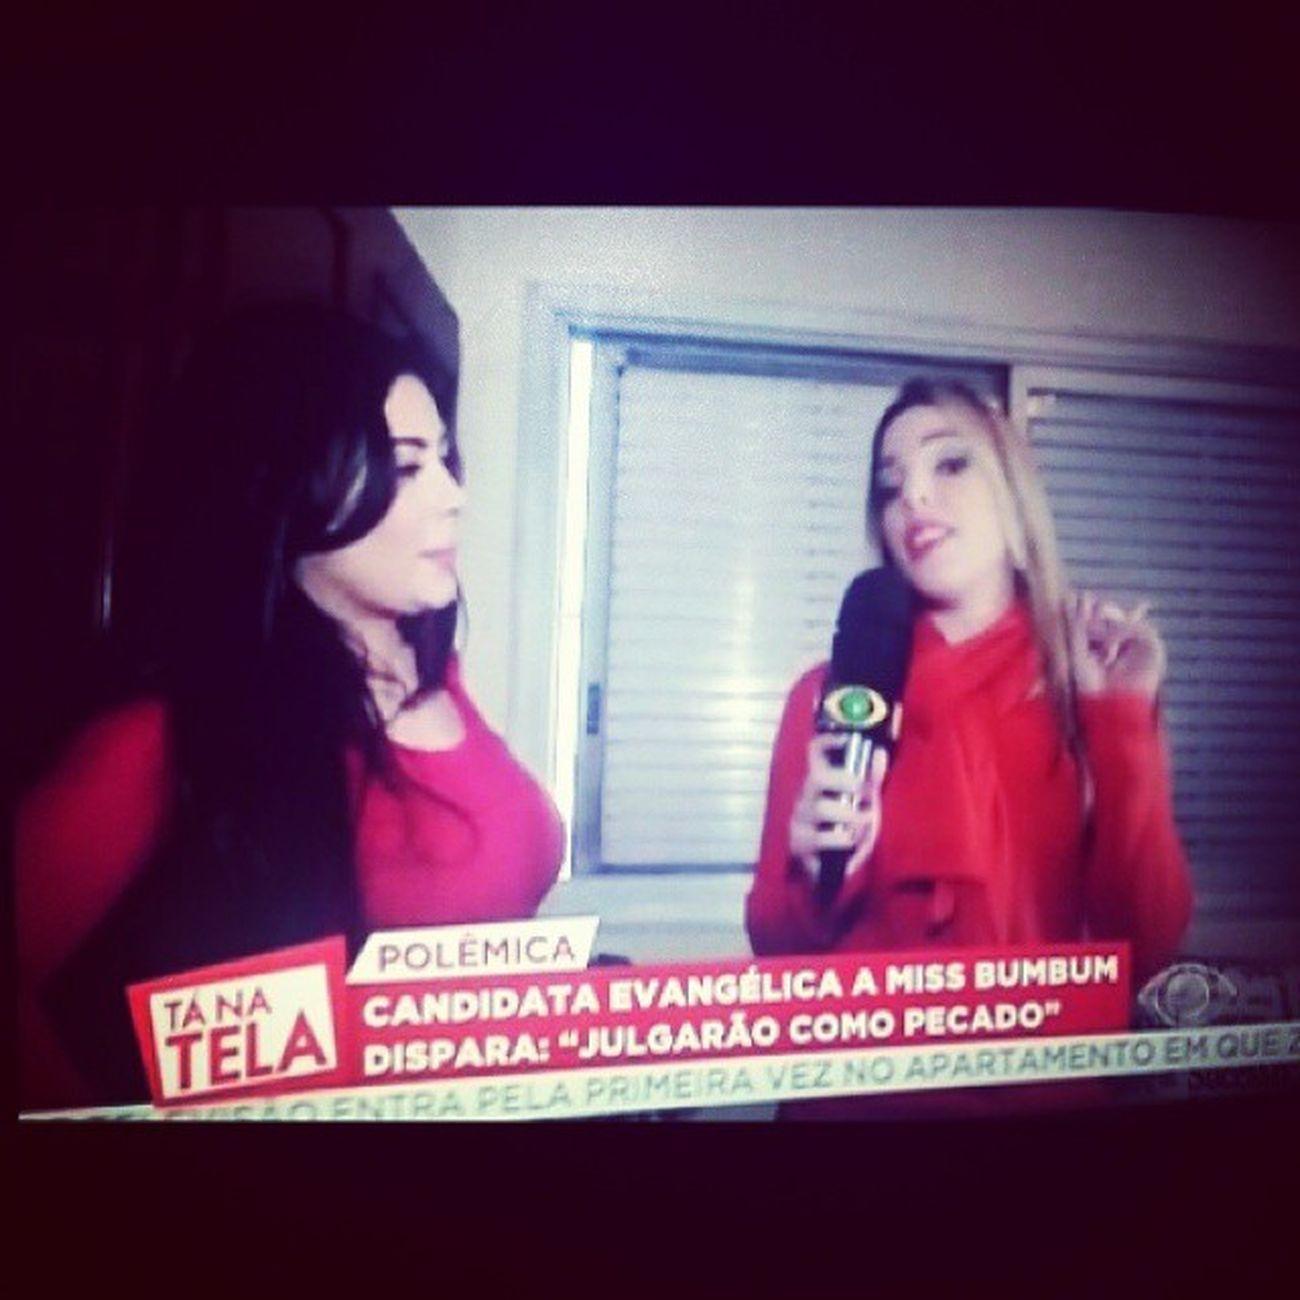 """Minha prima @elisangelacarreira cada vez mais se destacando na @band como repórter do programa Tanatela do @luizbacci no Caso """" @RebekaFrancys !! Estamos orgulhosos!! Parabéns Elisangela Carreira!! ElisangelaCarreira MeninaDeOuro Natela NaBand LuizBacci Meninodeouro RebekaFrancys TvBandeirantes Band ProgramaTaNaTela TonaBand FaeldiSampa PretinhoBásico Odp DsdpBrasil Music Sound World PresidentePrudente SãoPaulo Maceió Alagoas"""